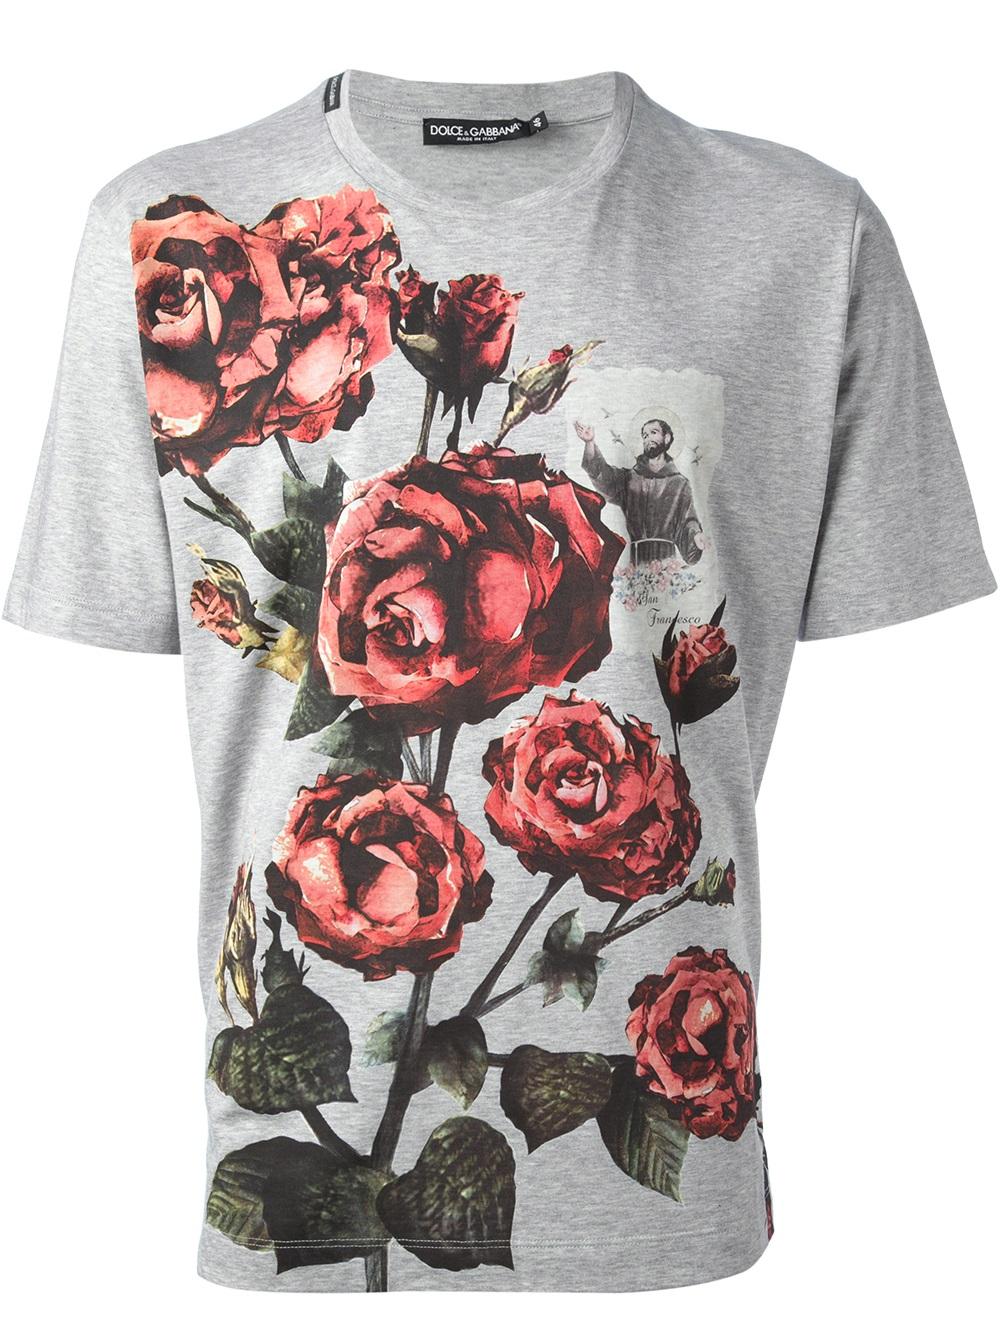 dolce gabbana rose t shirt in floral for men grey lyst. Black Bedroom Furniture Sets. Home Design Ideas